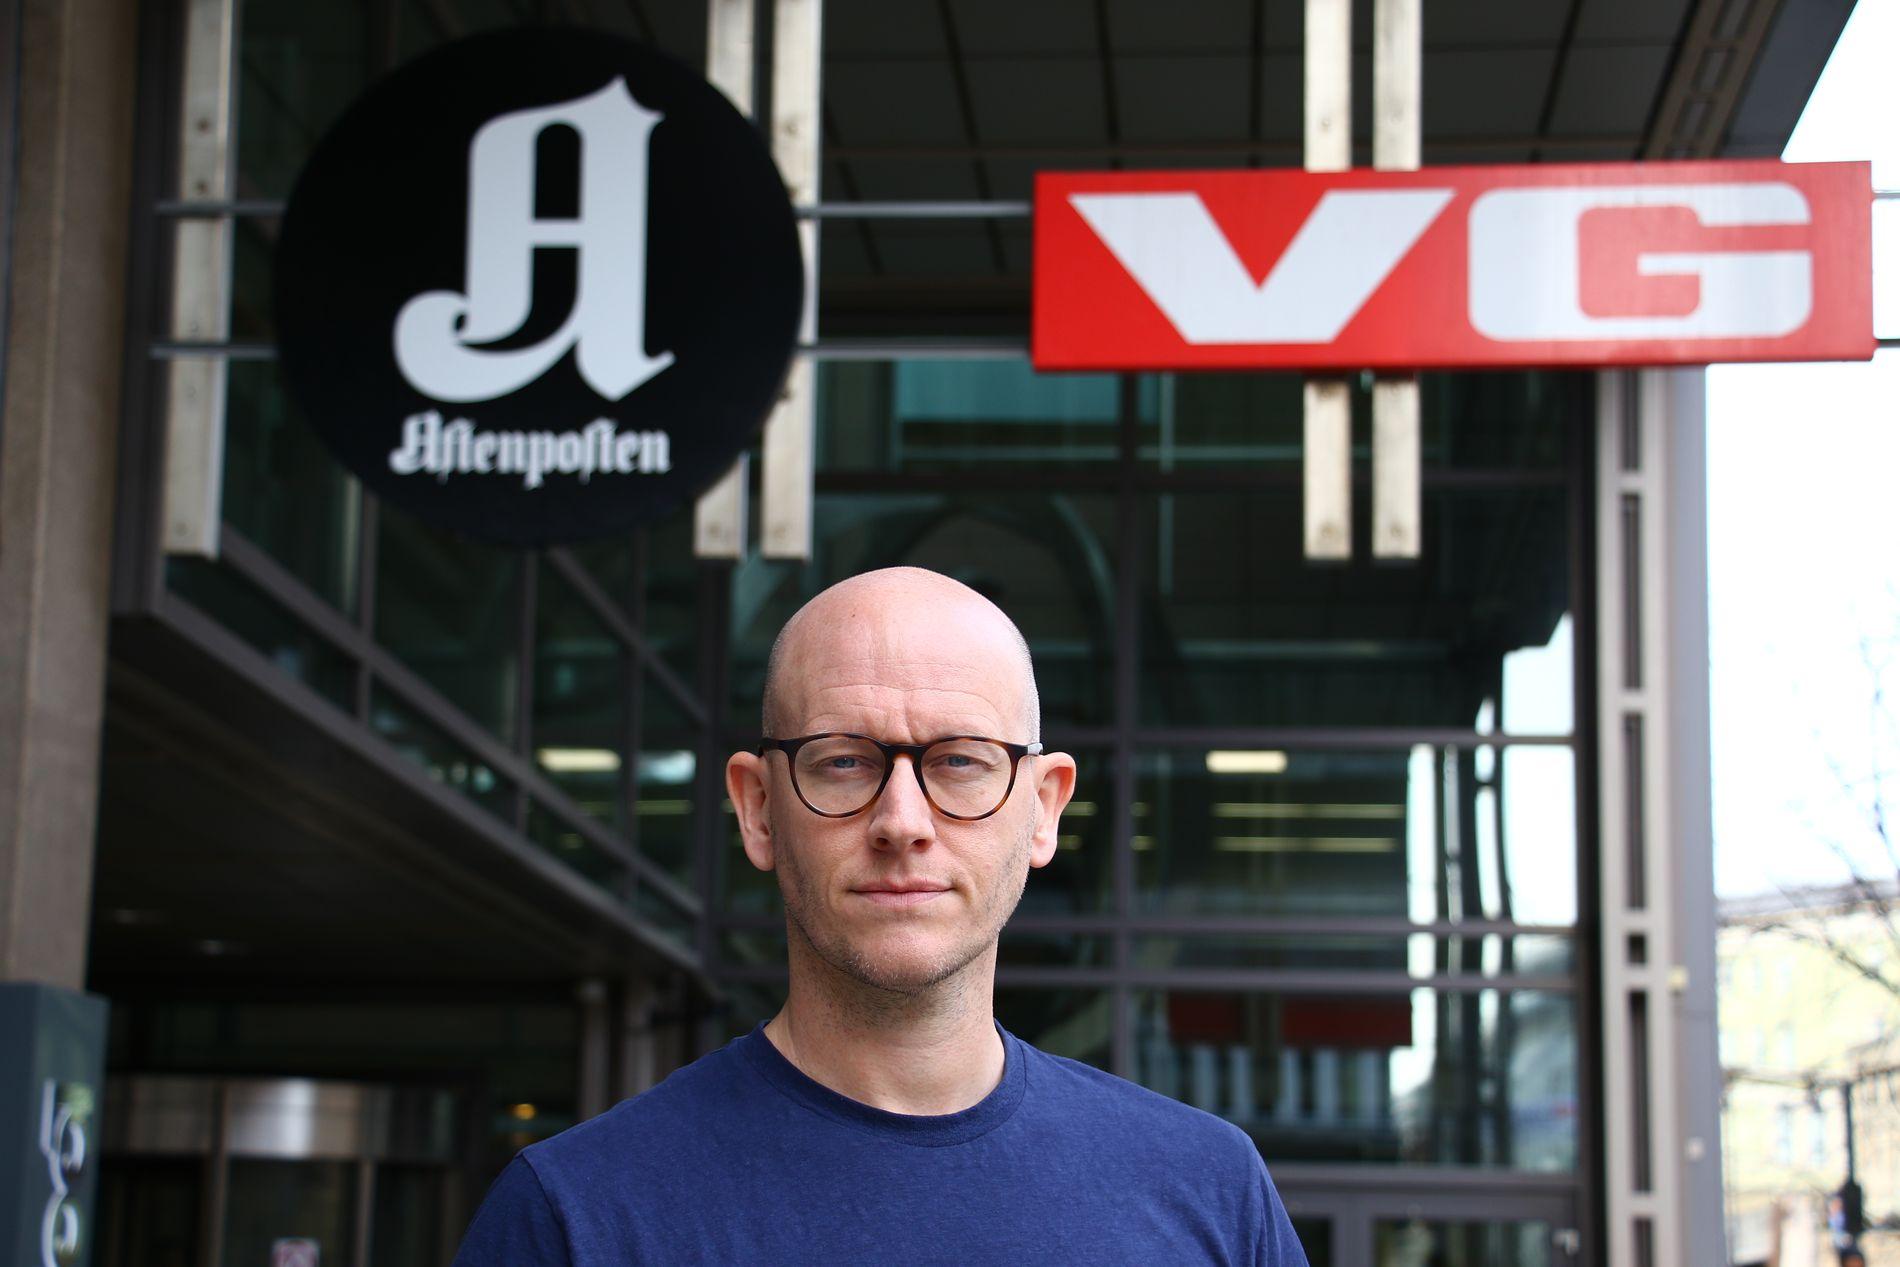 SVARER: VGs digitalredaktør Ola Stenberg uttaler seg på vegne av VG-ledelsen i den pågående granskingen av Giske-saken.